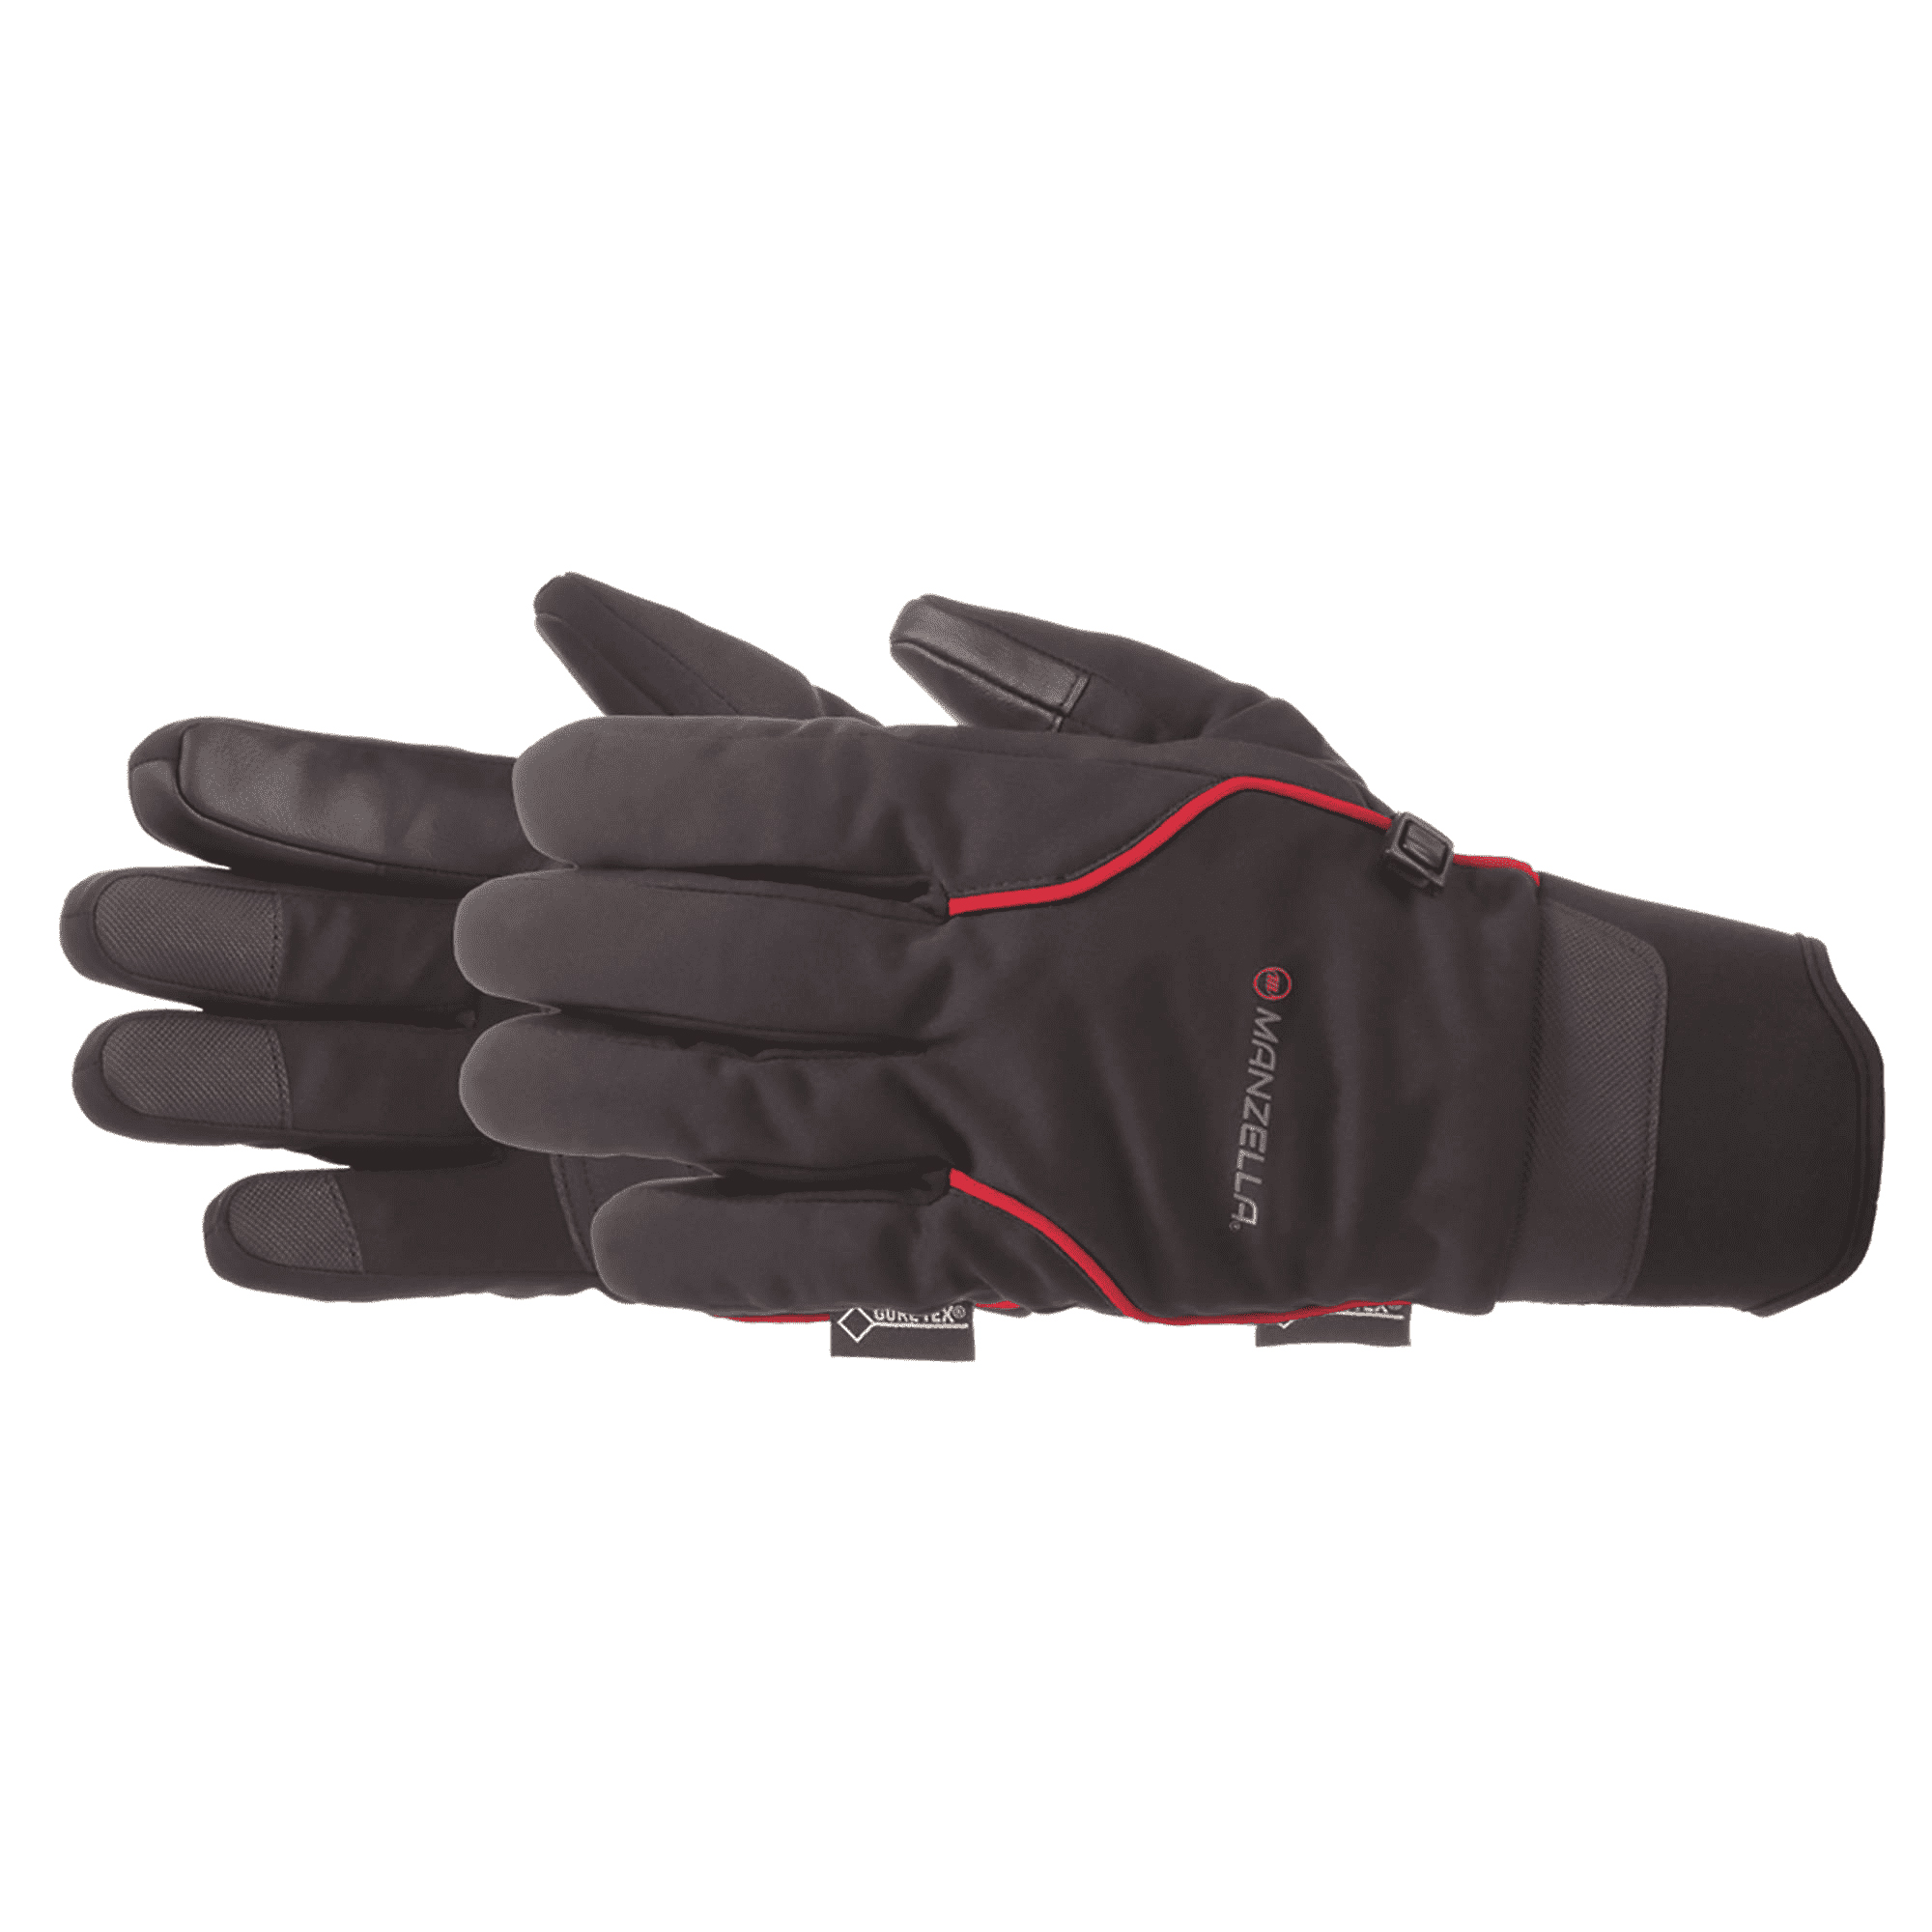 Manzella Men's All Elements 5.0 TouchTip Glove